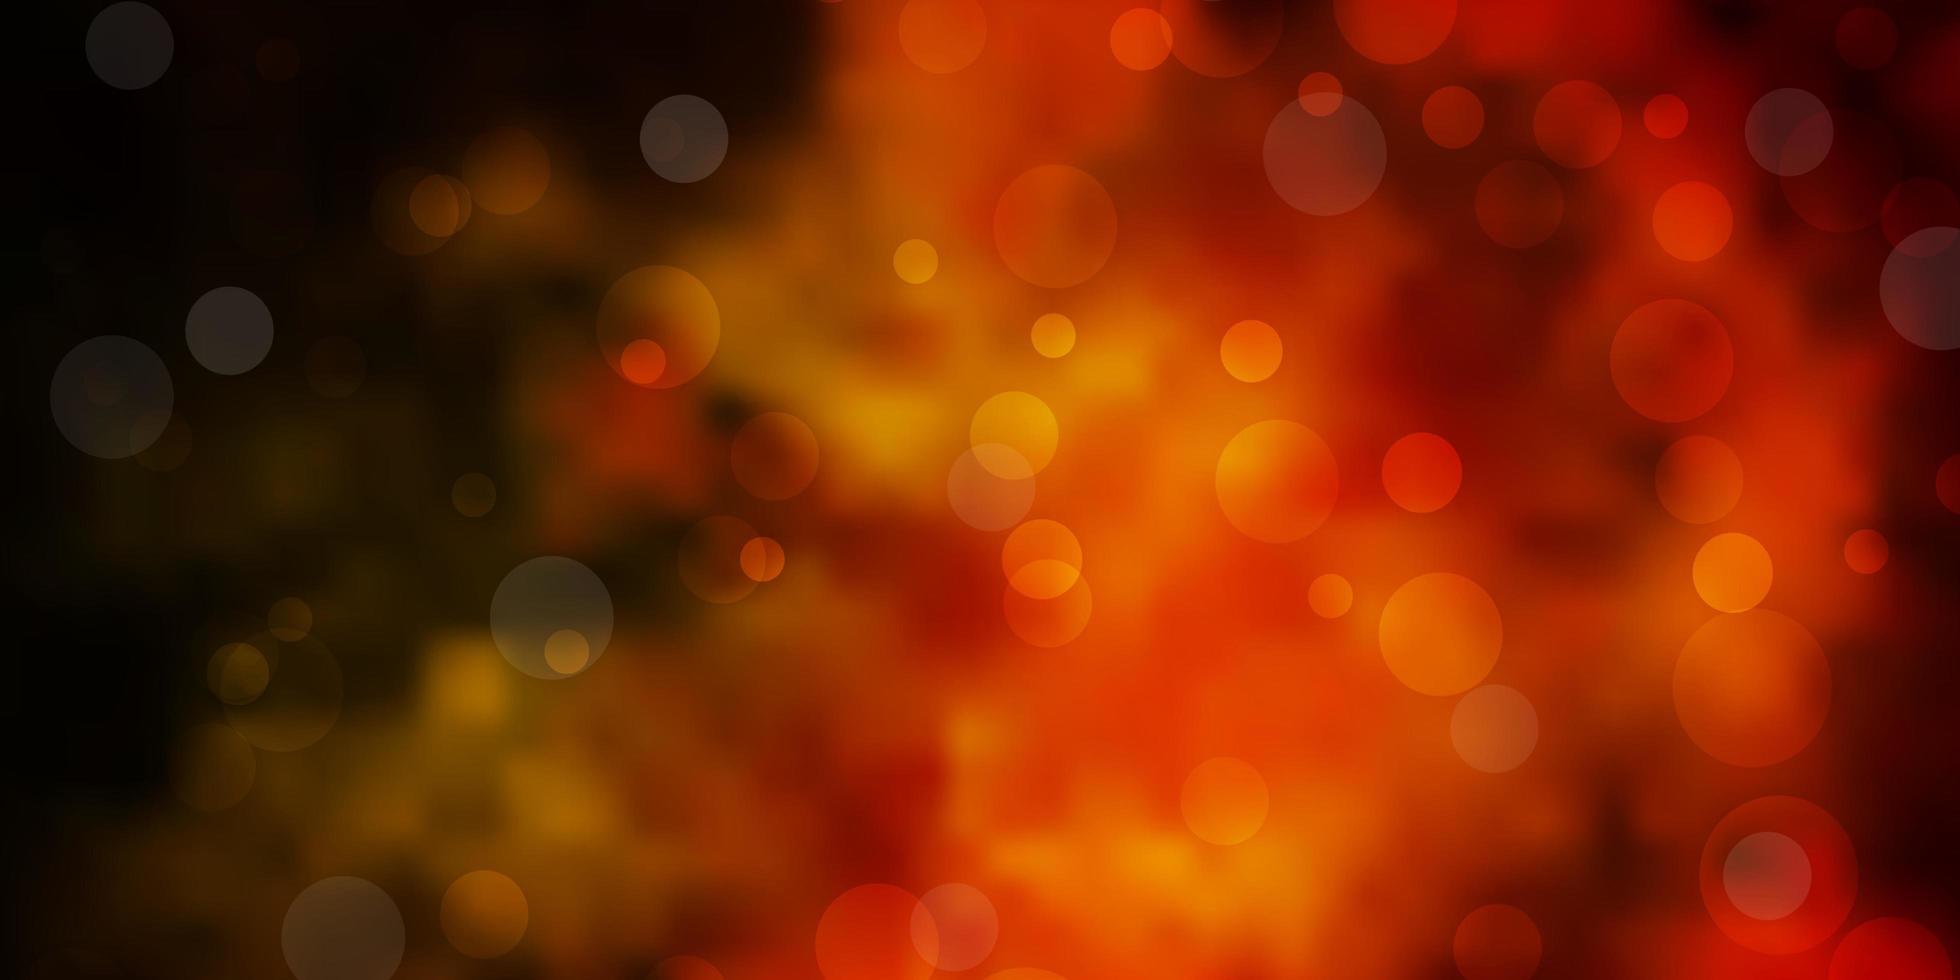 dunkeloranger Vektorhintergrund mit Flecken. vektor